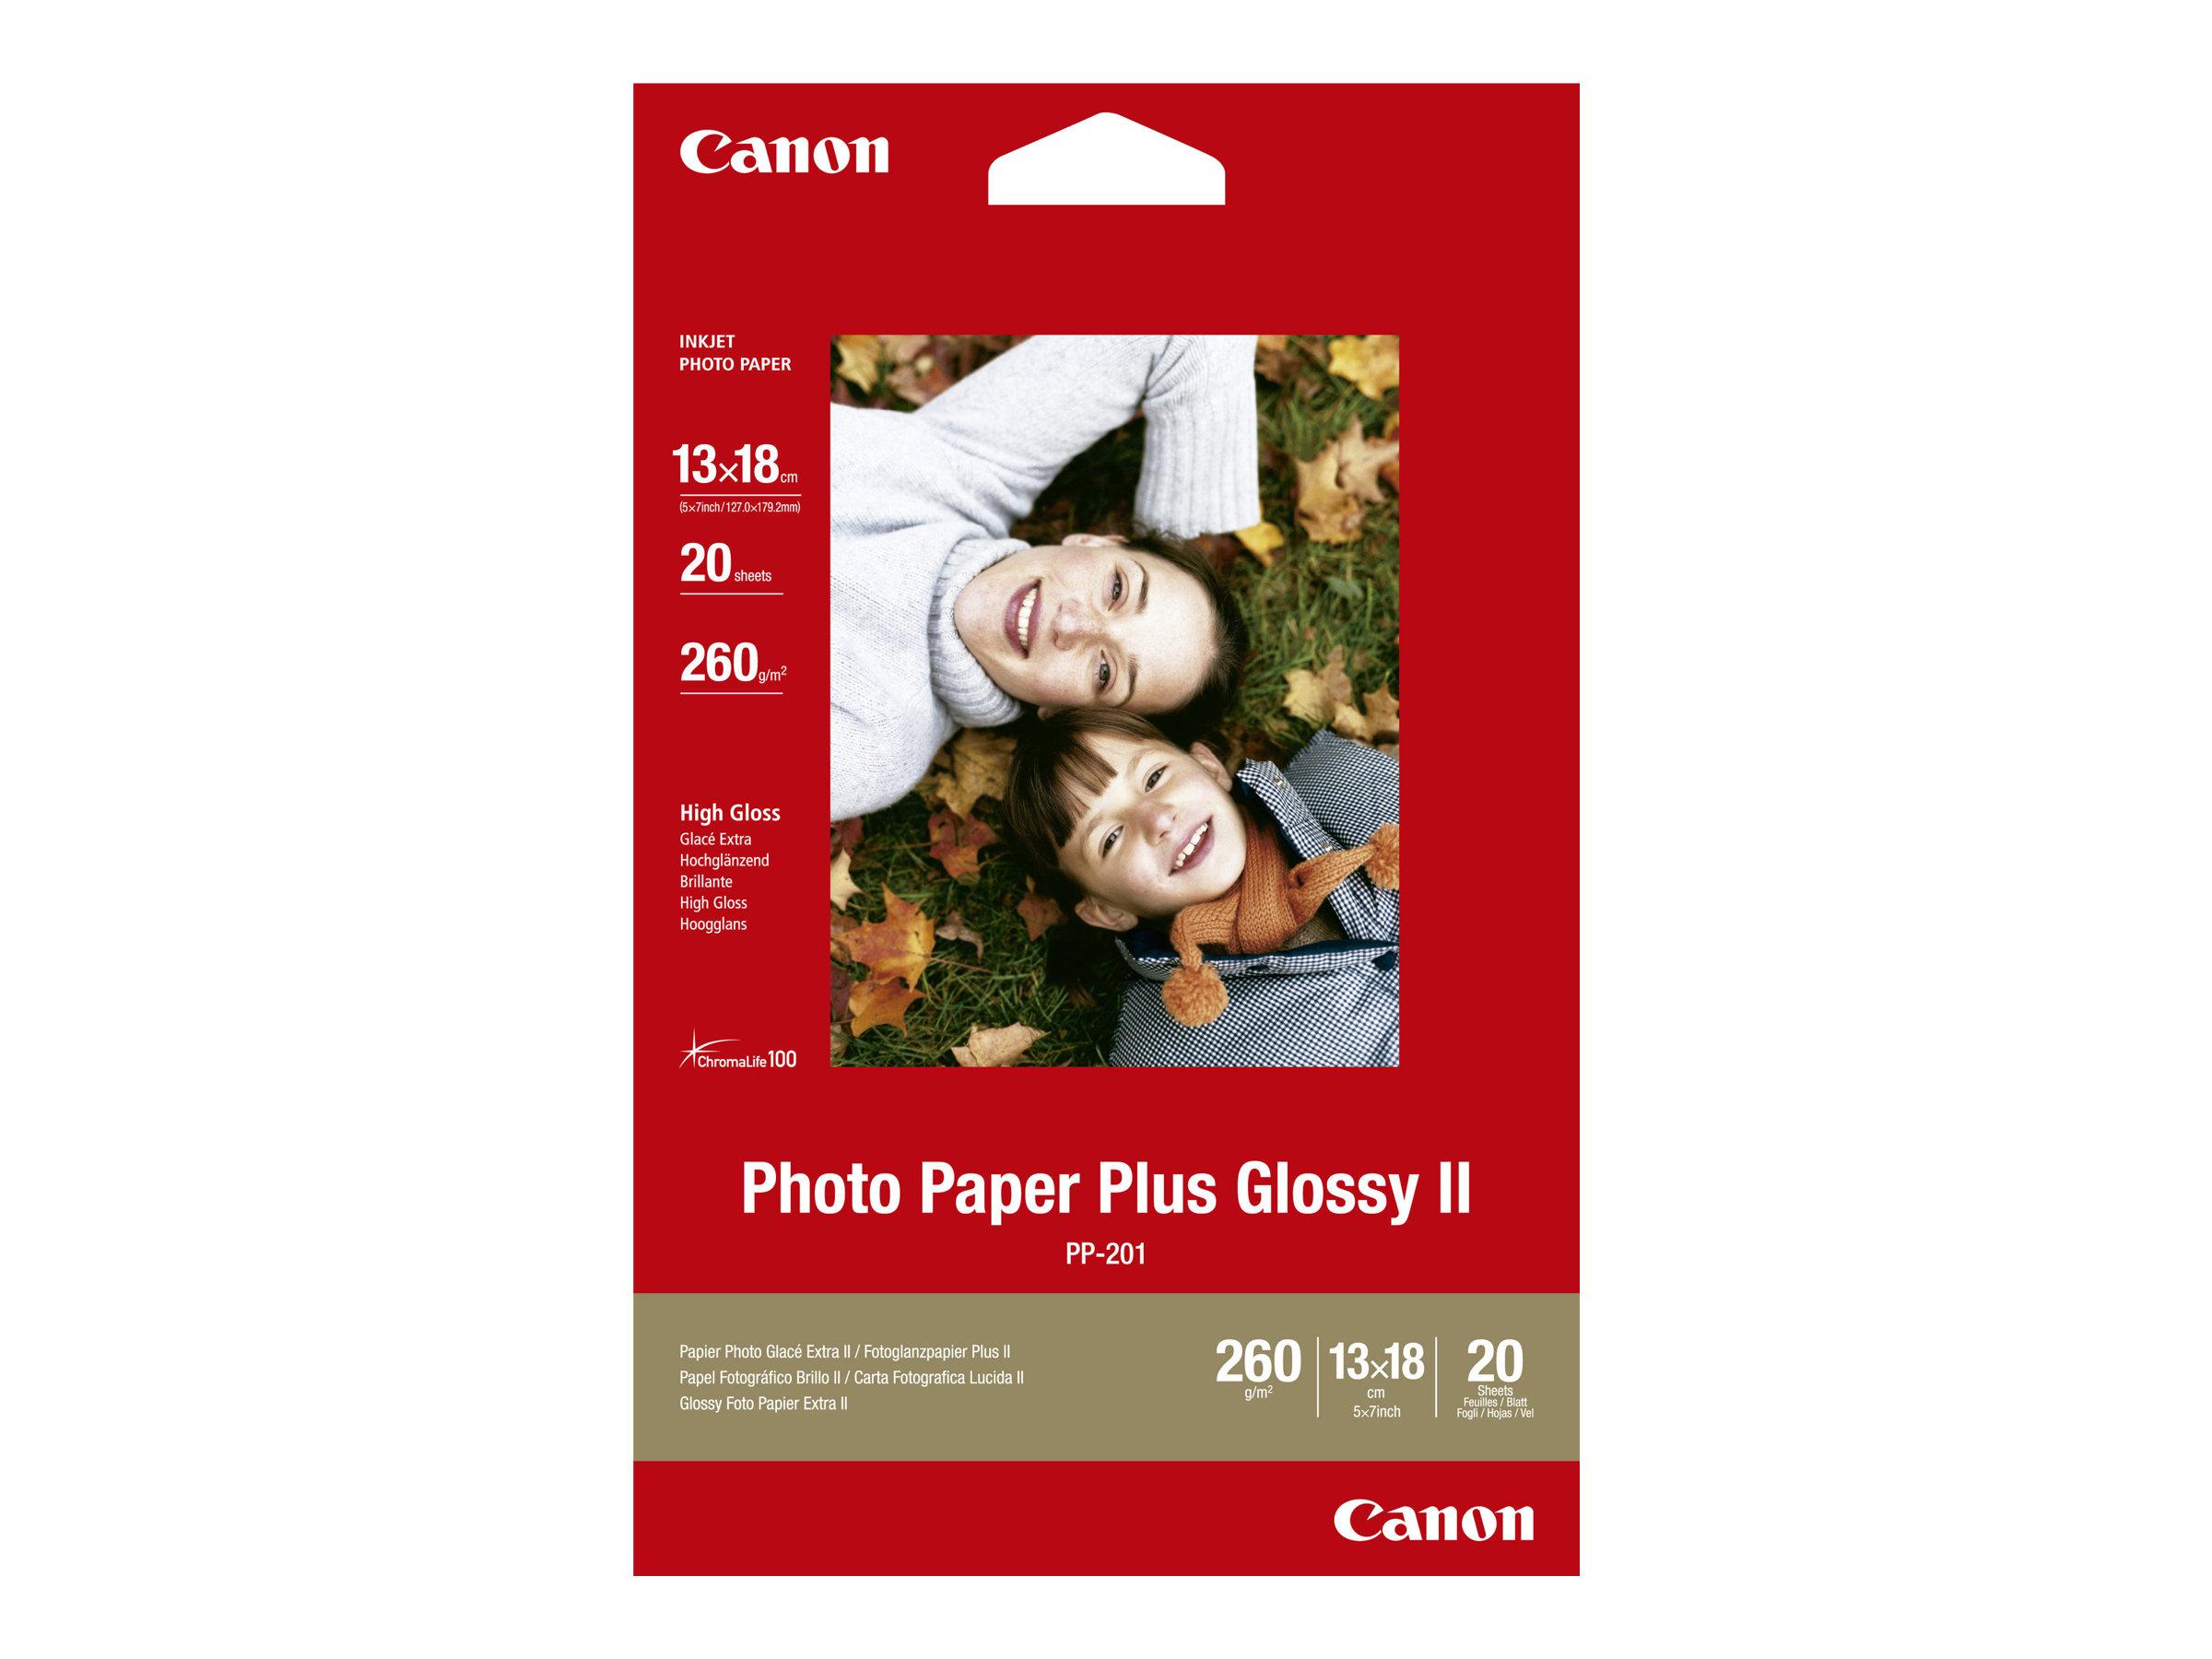 Photo paper plus glossy ii pp 201 glaenzend 130 x 180 mm 260 g m 20 blatt fotopapier fuer pixma ip2700 ix7000 mg2555 mp210 mp520 mp610 mp970 mx300 mx310 mx700 mx850 805462 2311b018